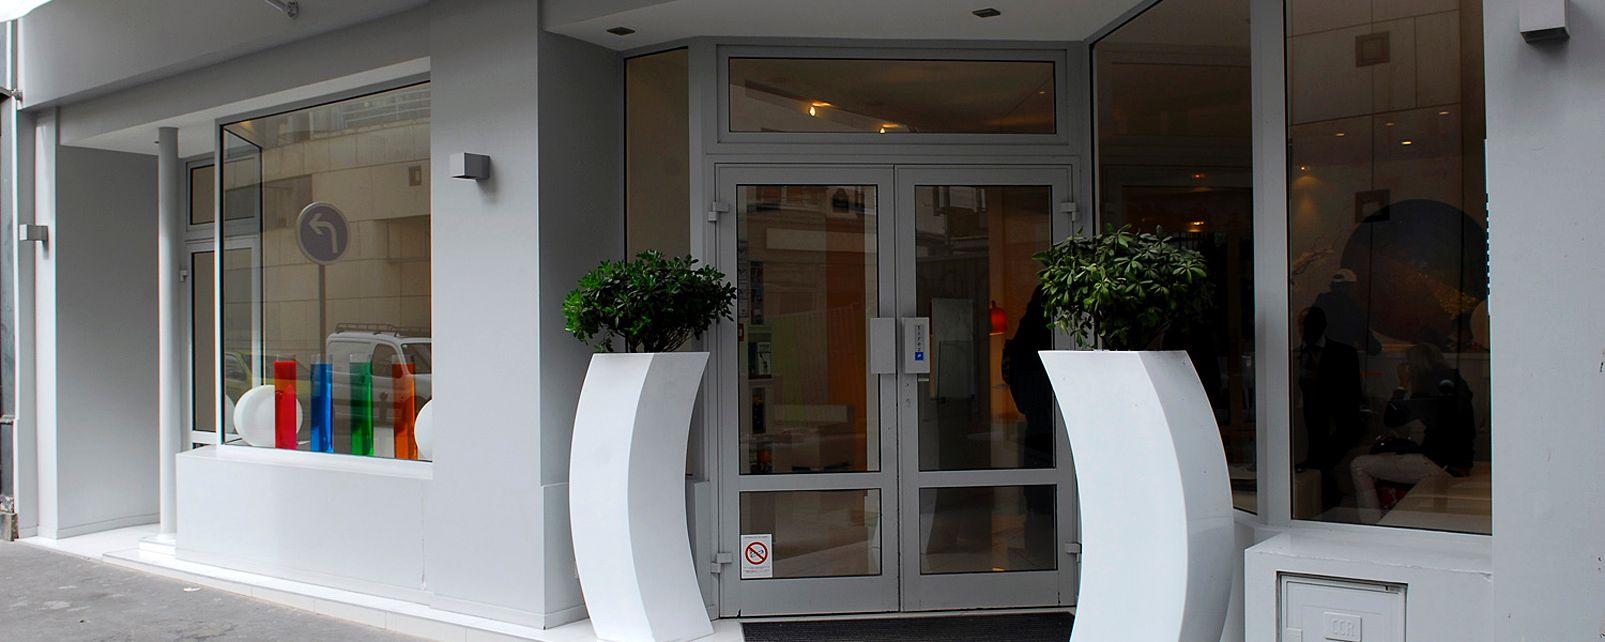 Hotel color design paris for Color design paris